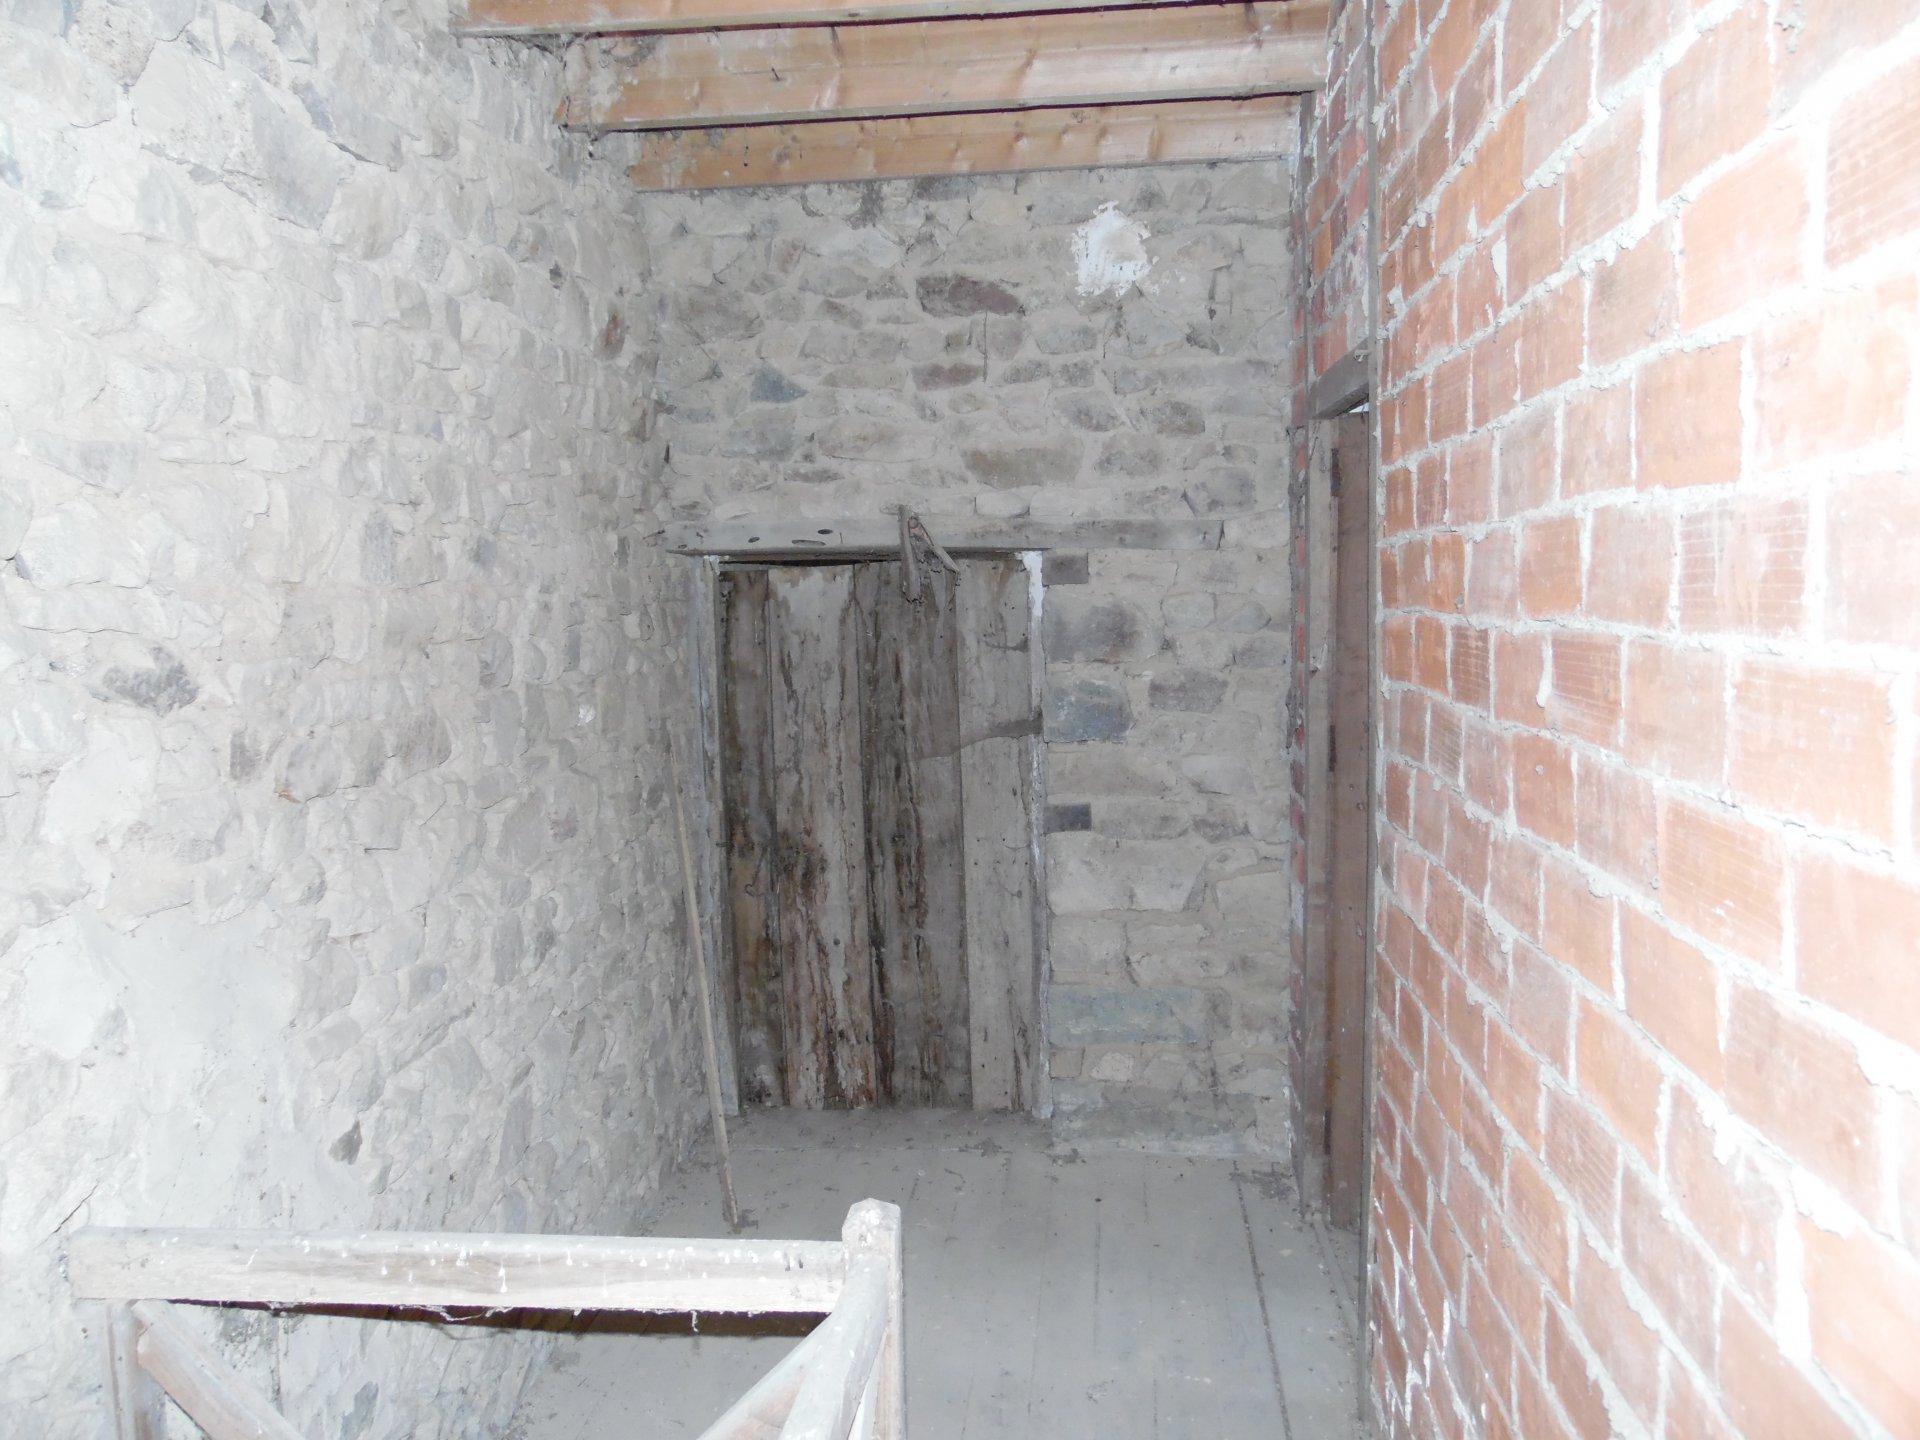 Te koop in de Creuse, te renoveren huis in een mooi gehucht.